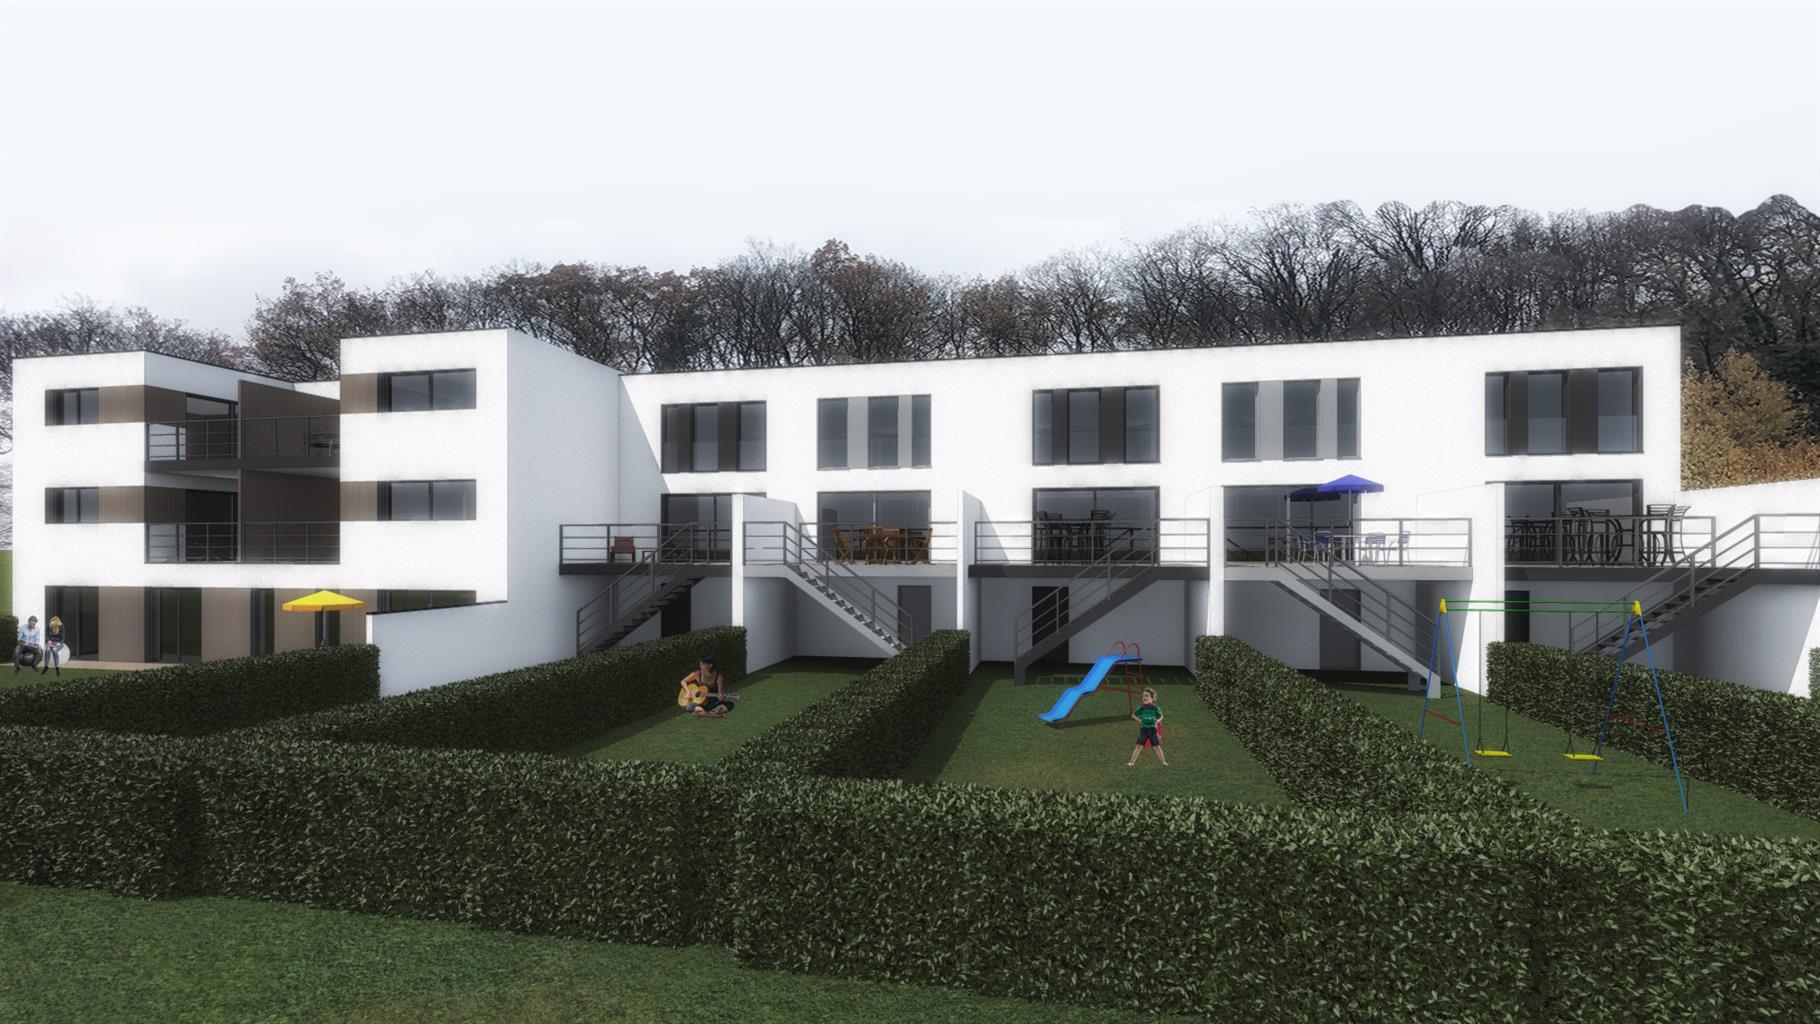 Terrain à bâtir (projets) - Liège Jupille-sur-Meuse - #4447739-1